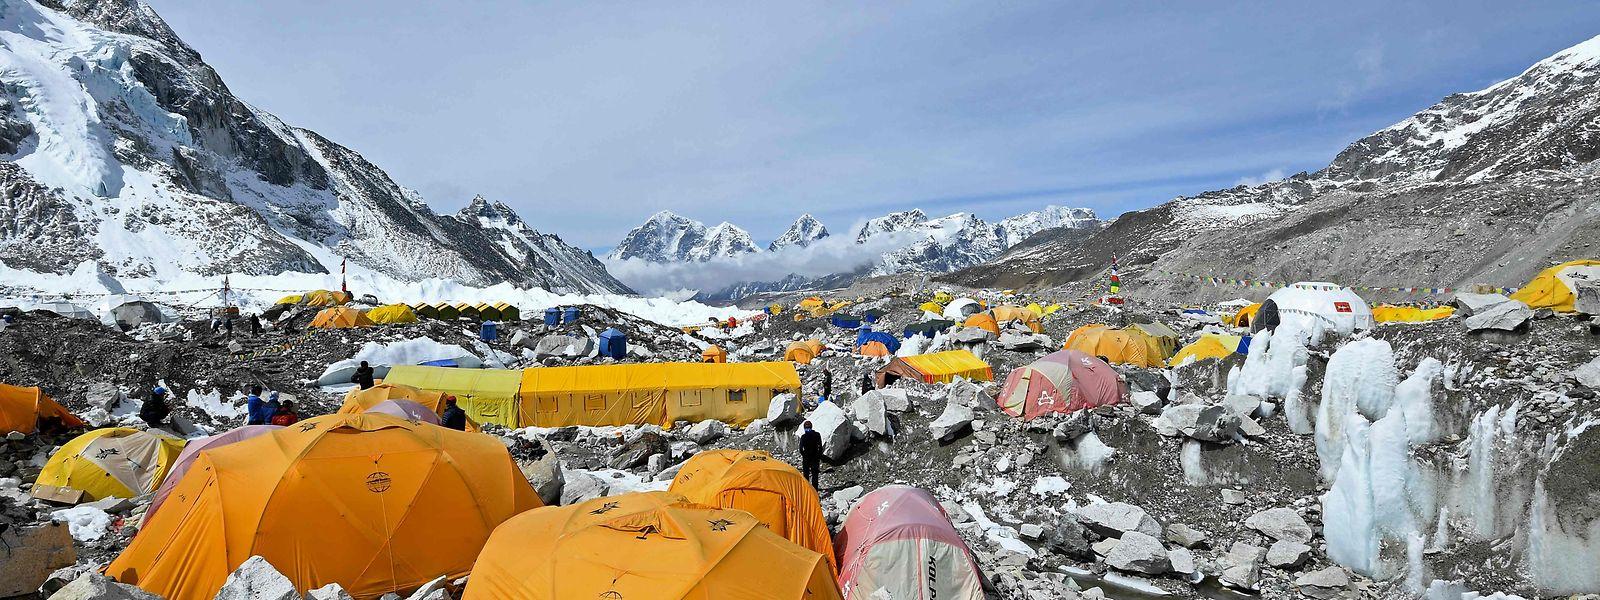 Tendas de alpinistas no campo base da expedição ao Everest, o ponto mais alto do mundo.